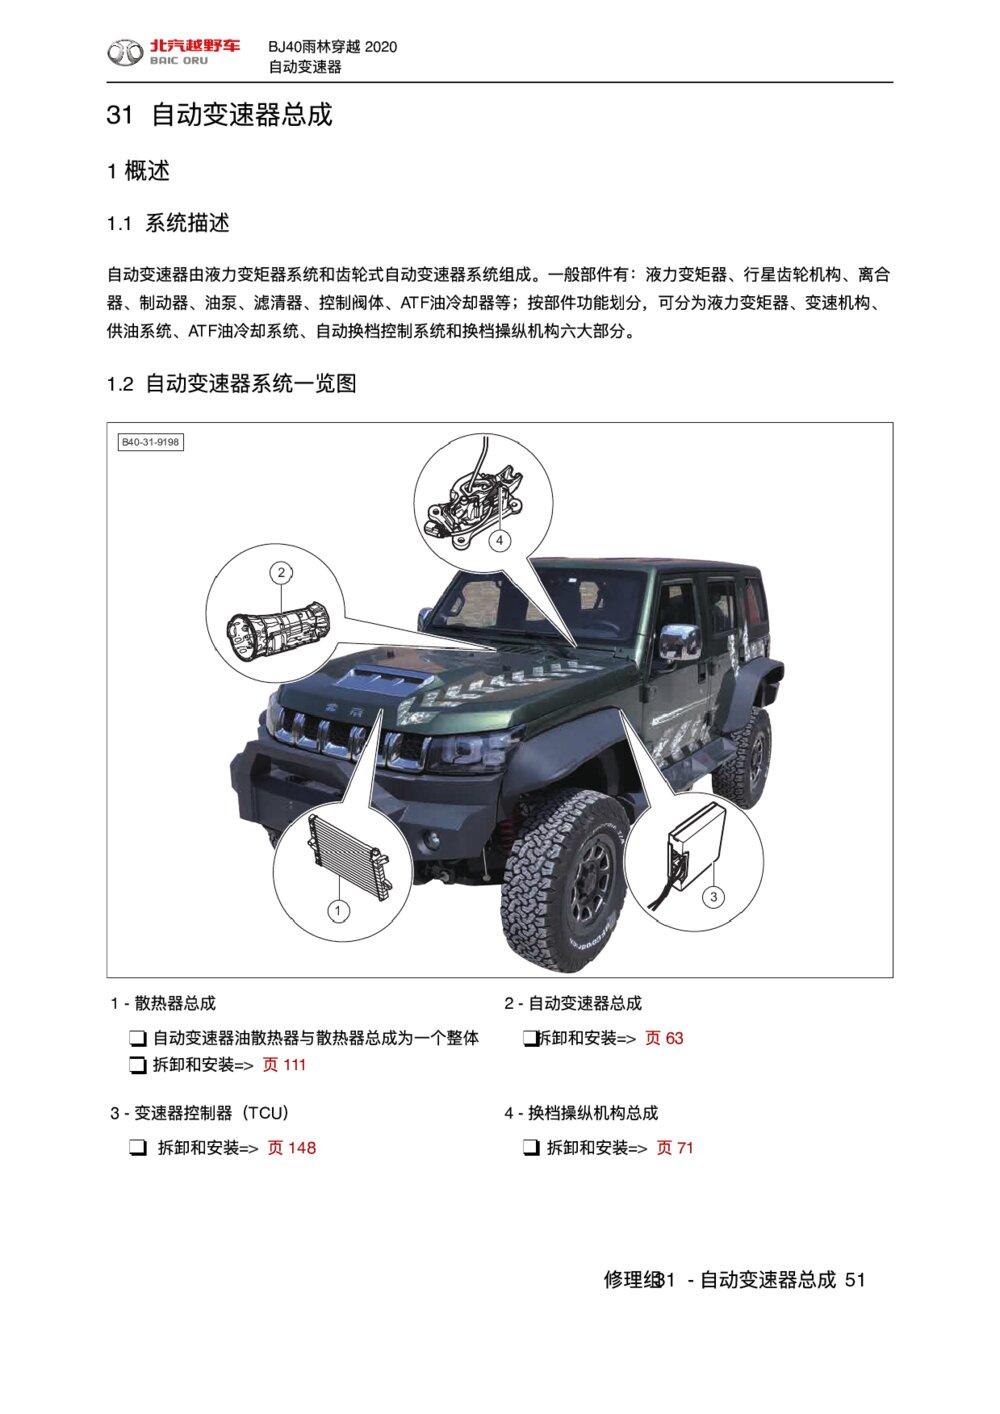 2020款北京BJ40雨林穿越版自动变速器概述